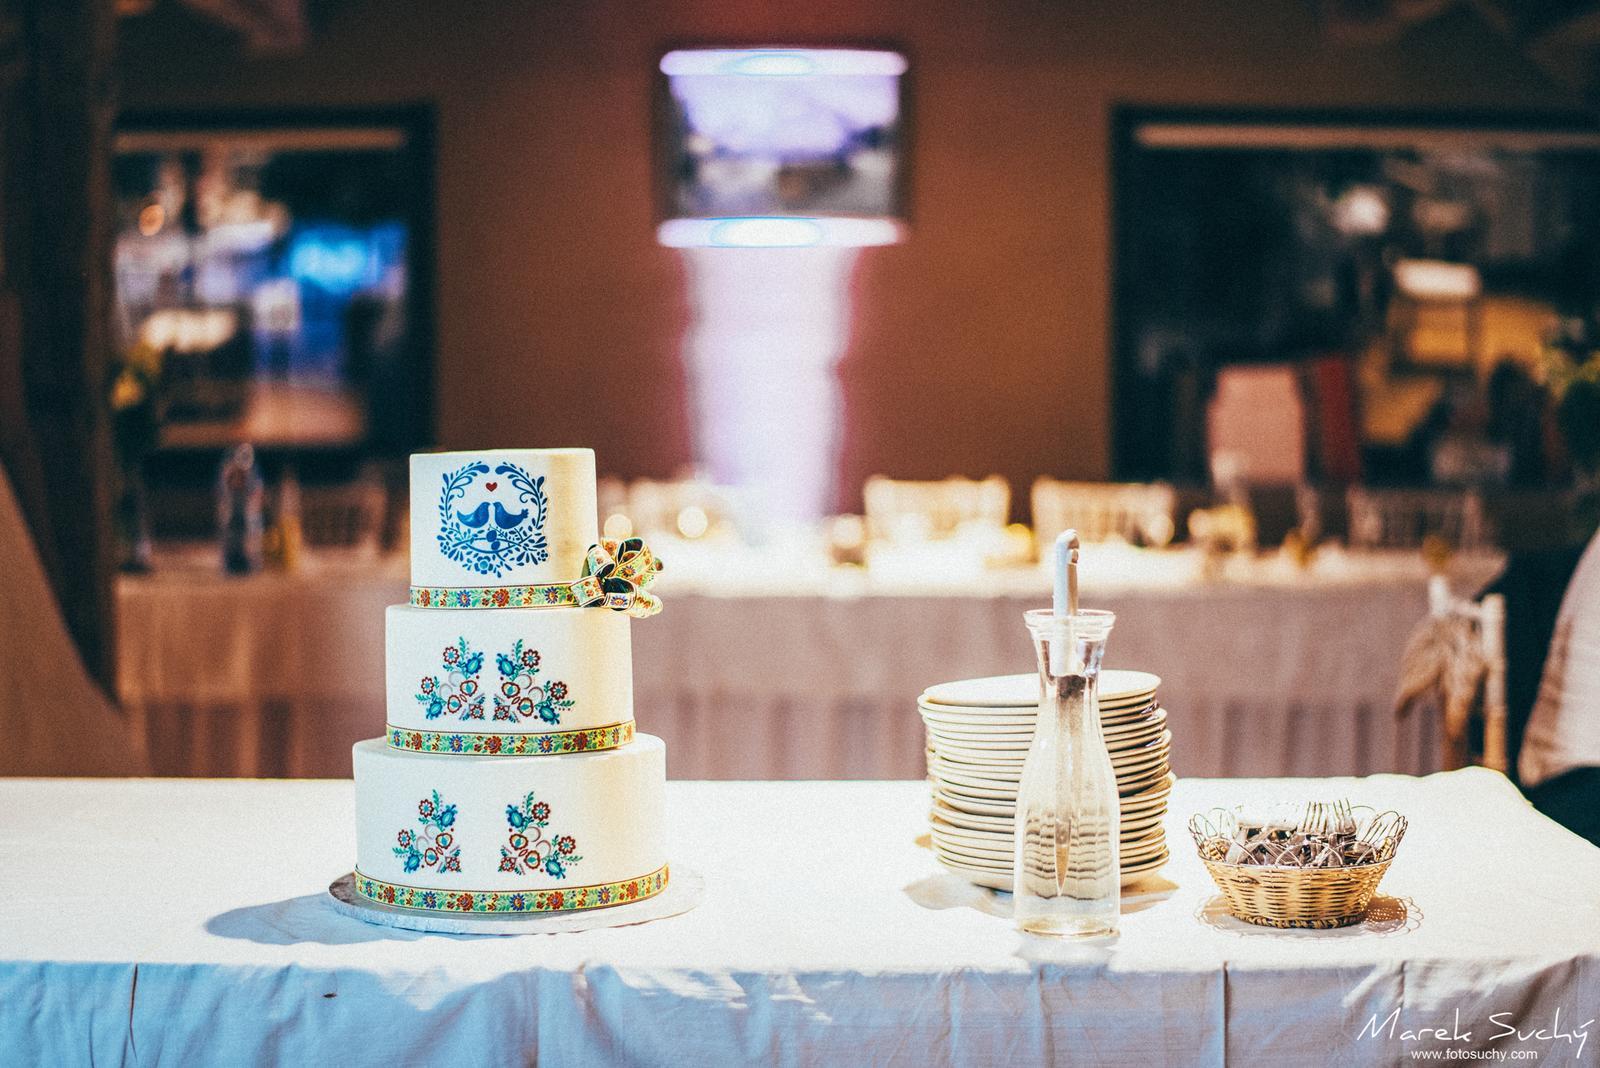 Ľudové prvky na svadbách :-) - Obrázok č. 1